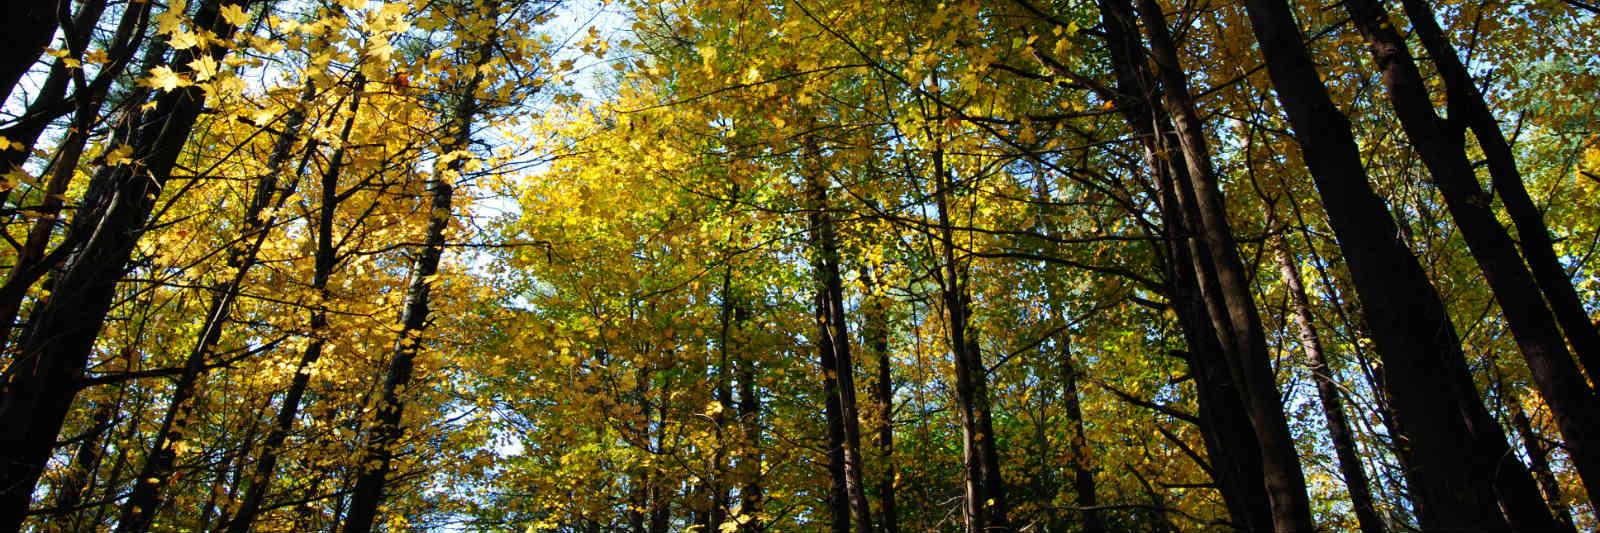 adirondack-trees.jpg